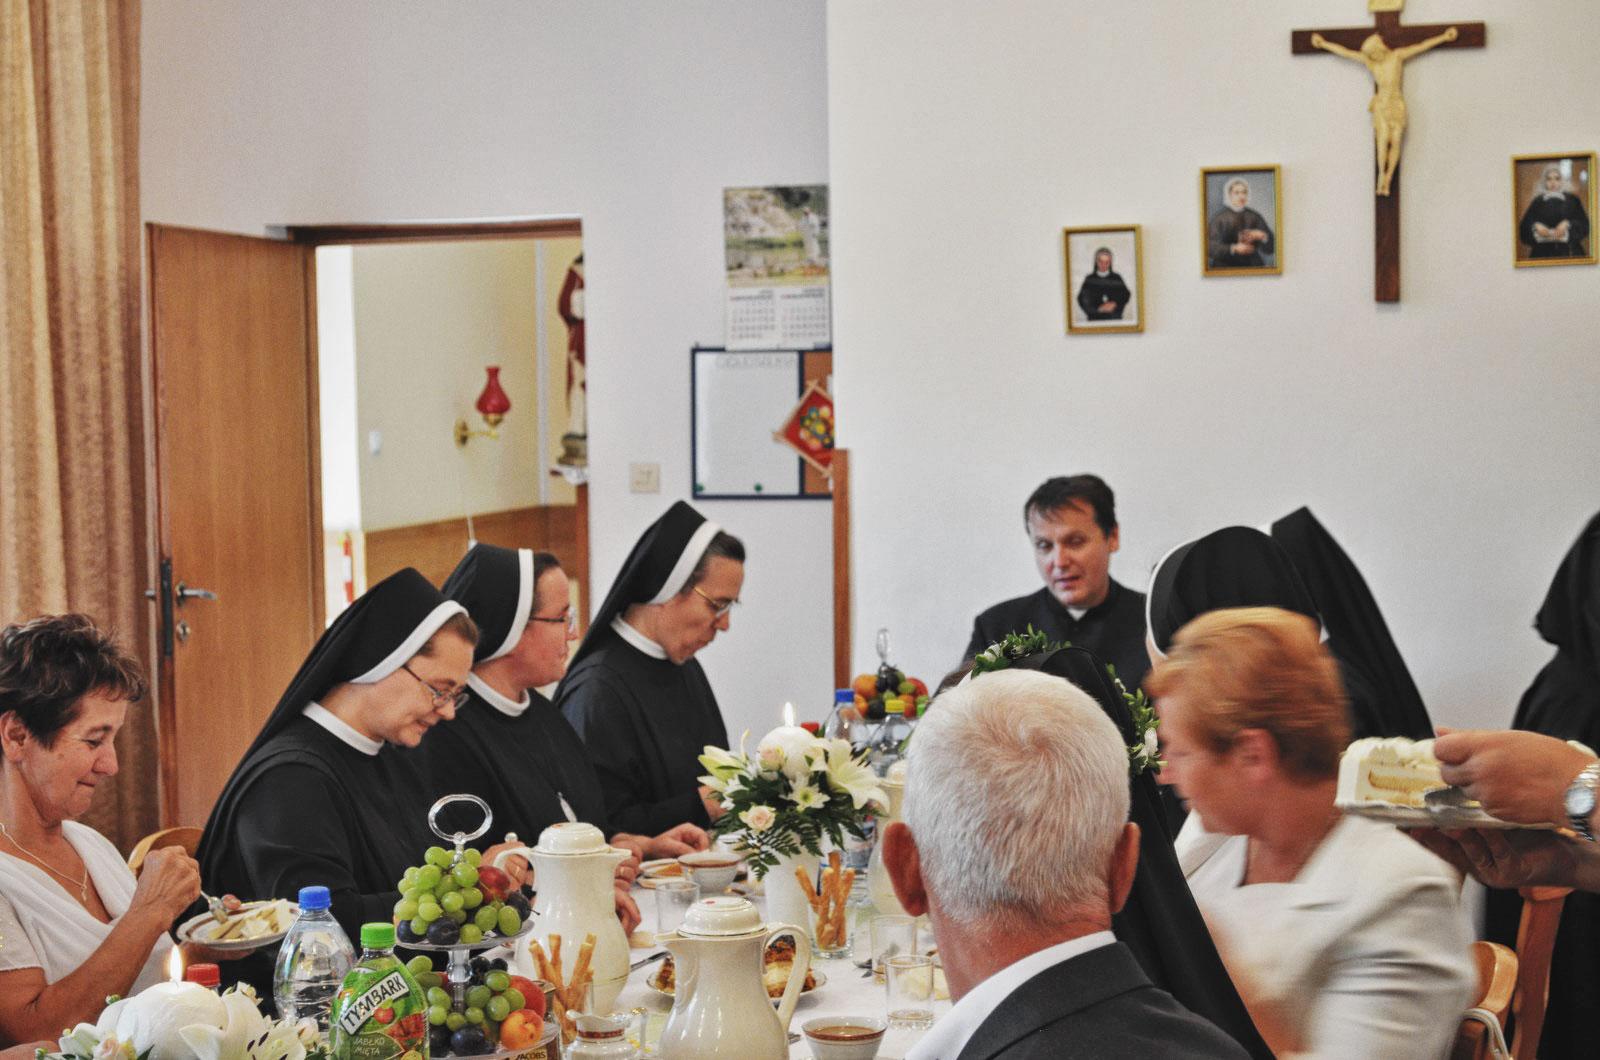 Sióstr_św_Elżbiety-Pierwsze_Śluby_fotorelacja-I-SLUBY-DSC_0635-min.jpg